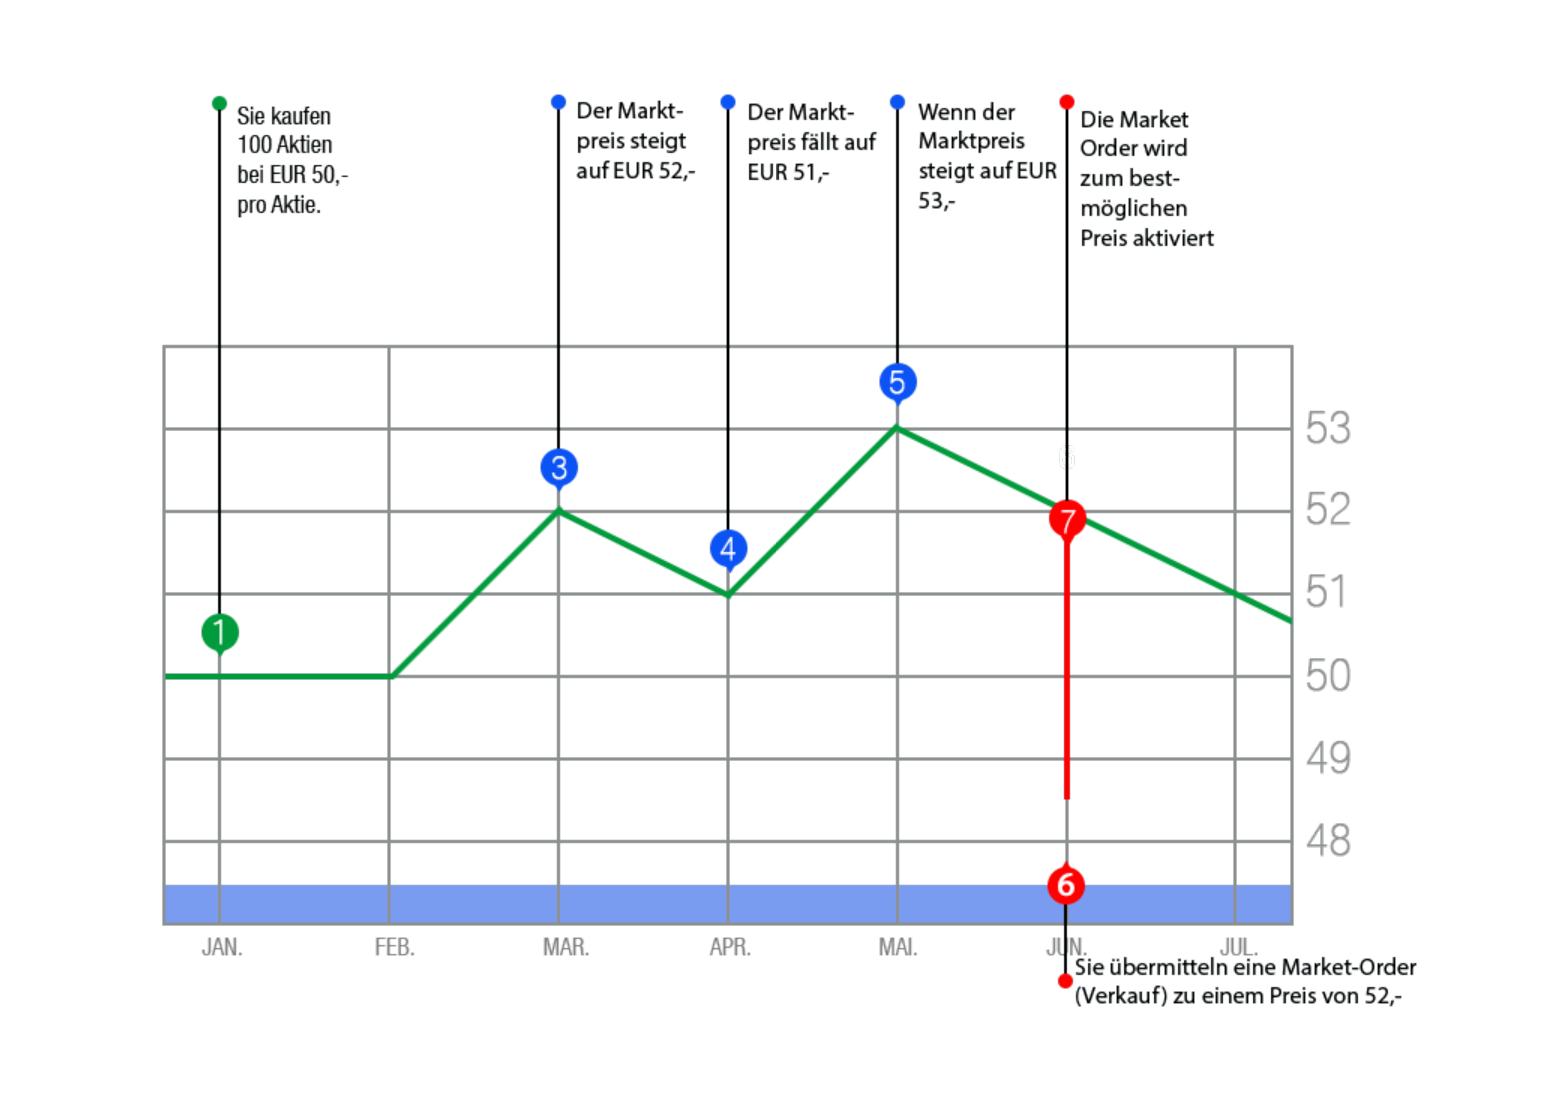 Visuelle Darstellung eines Market Order anhand eines Kursverlaufs.